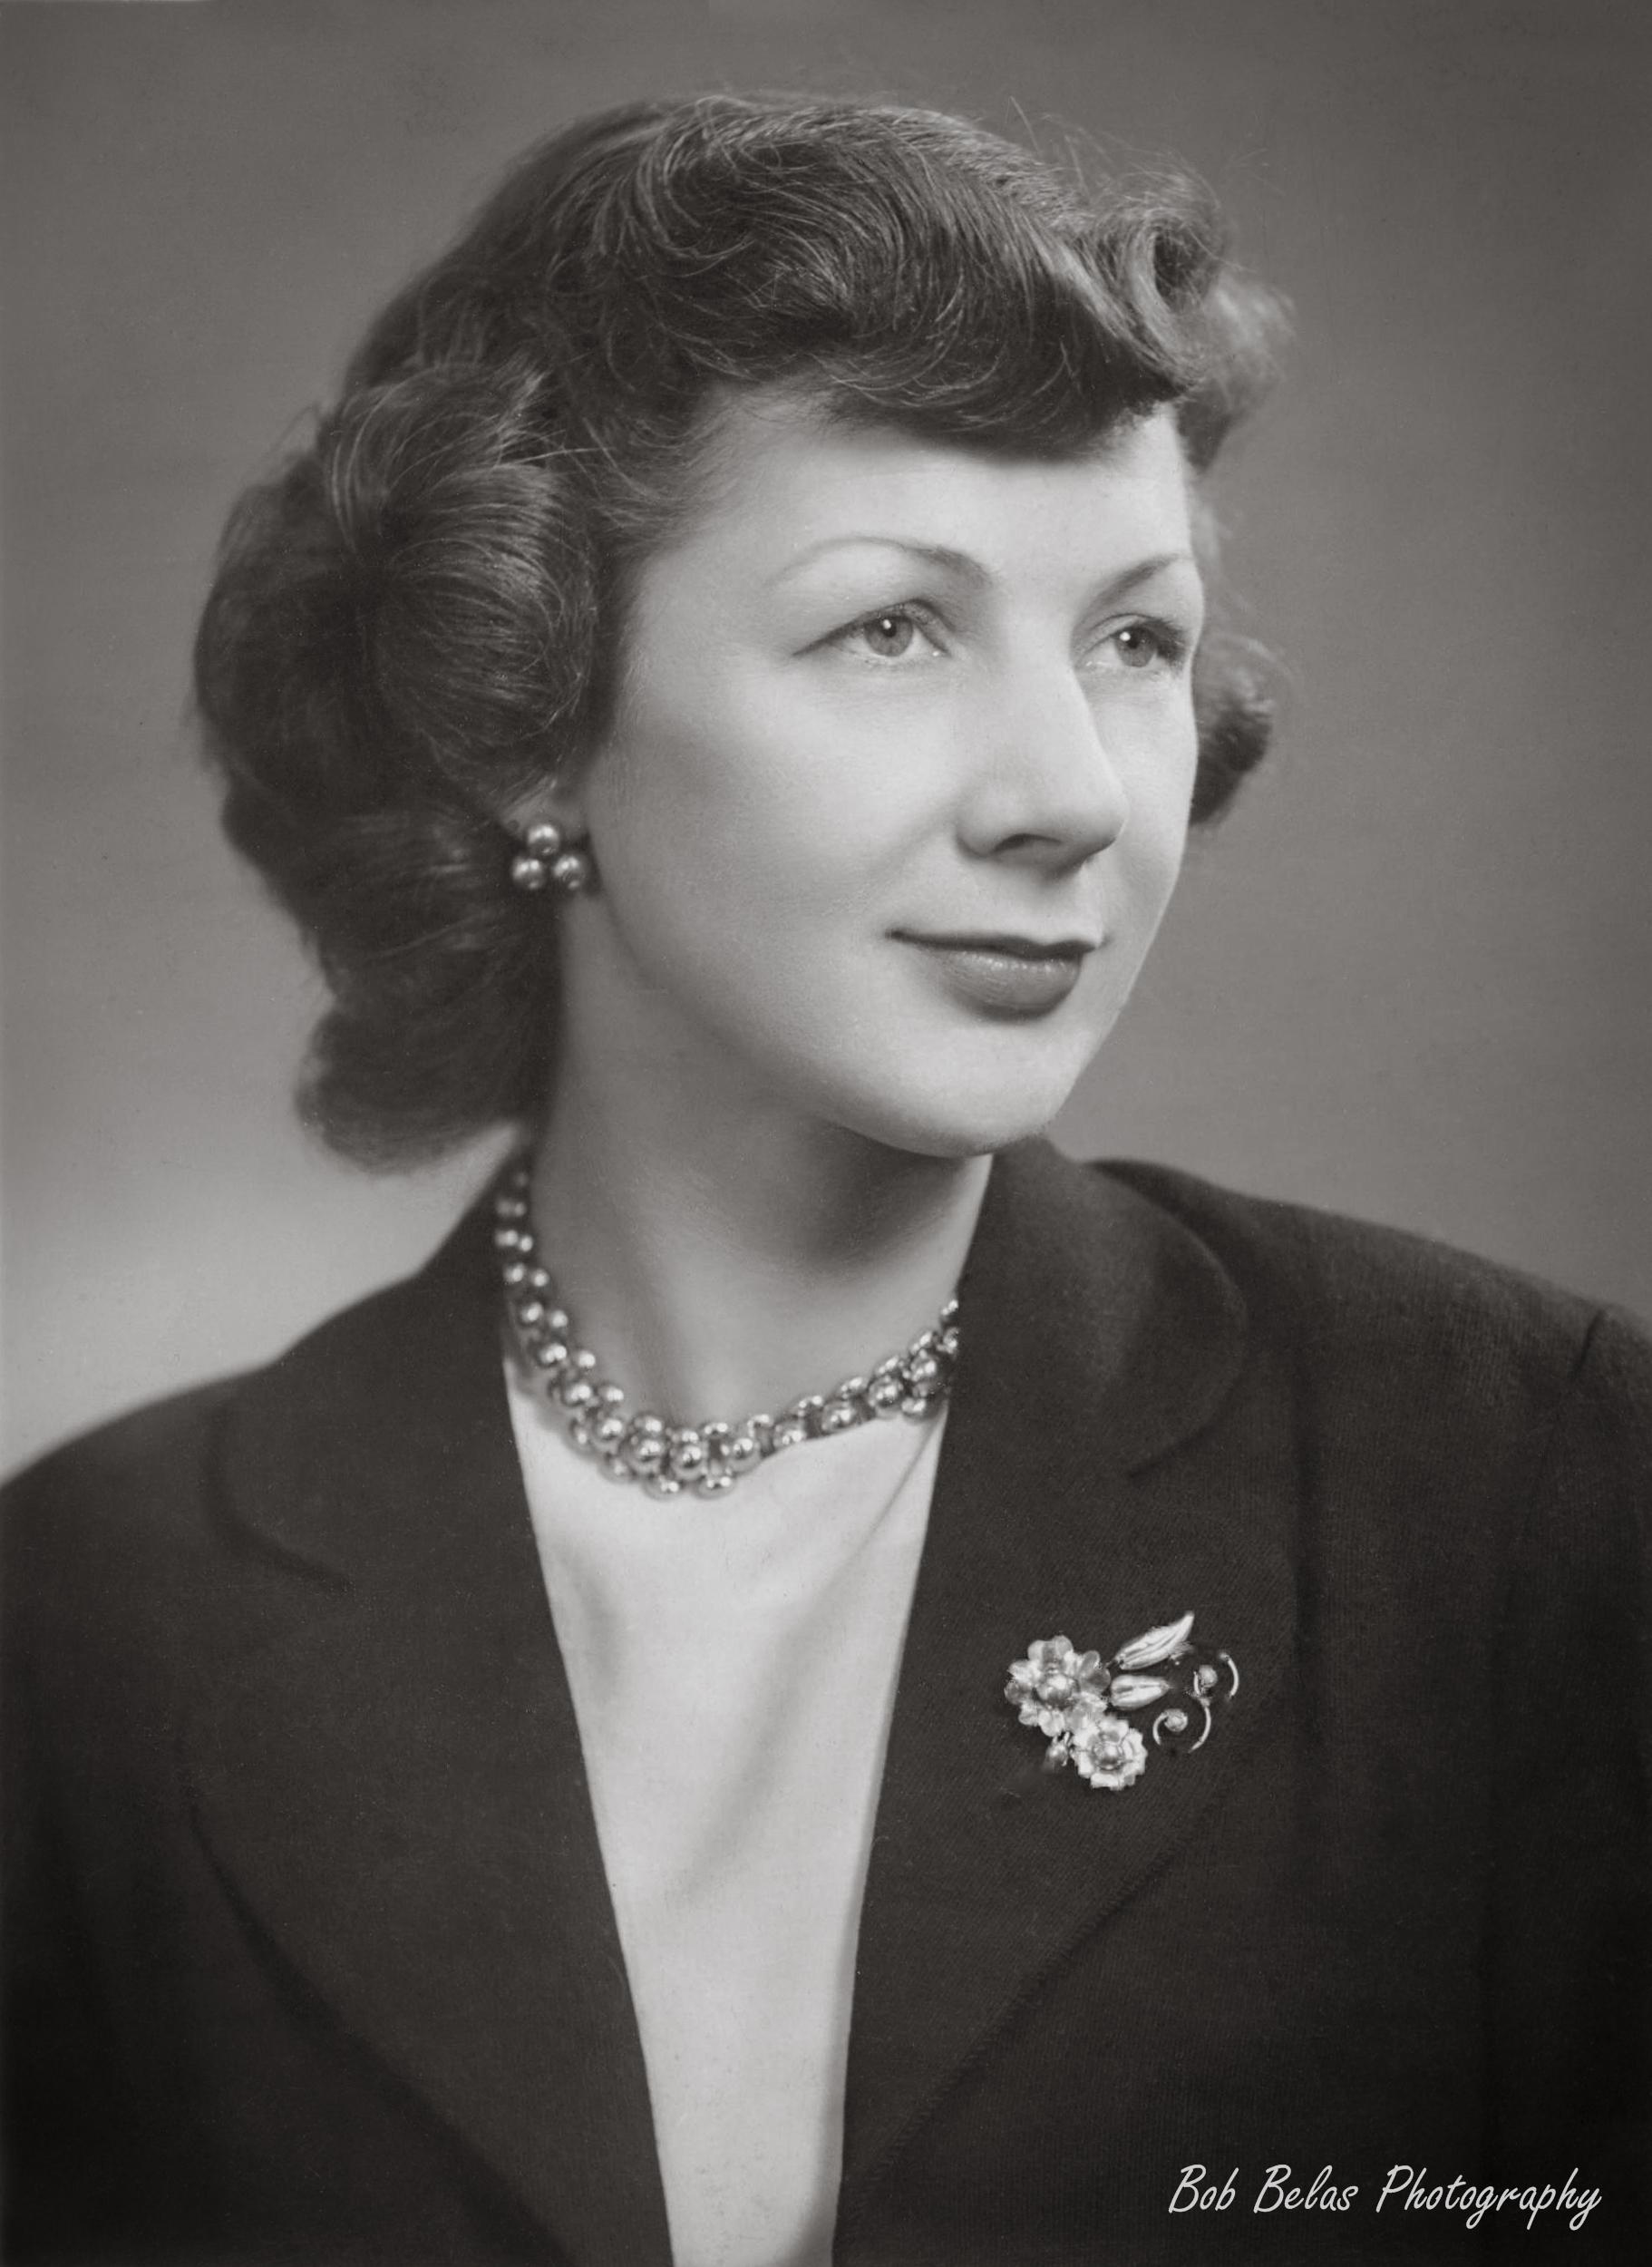 Helene Belas GE portrait, monochrome